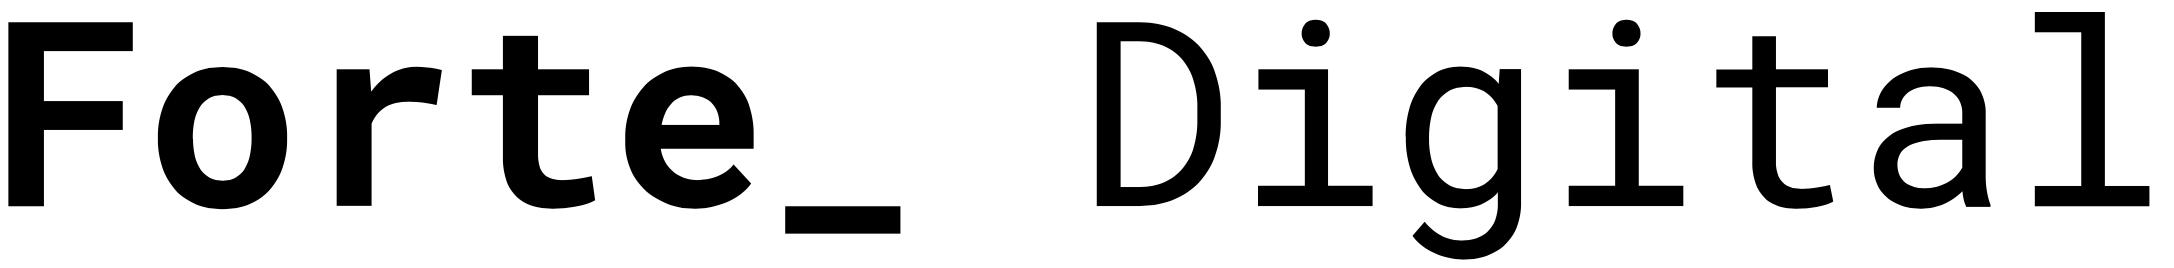 Forte_Digital_logo.png